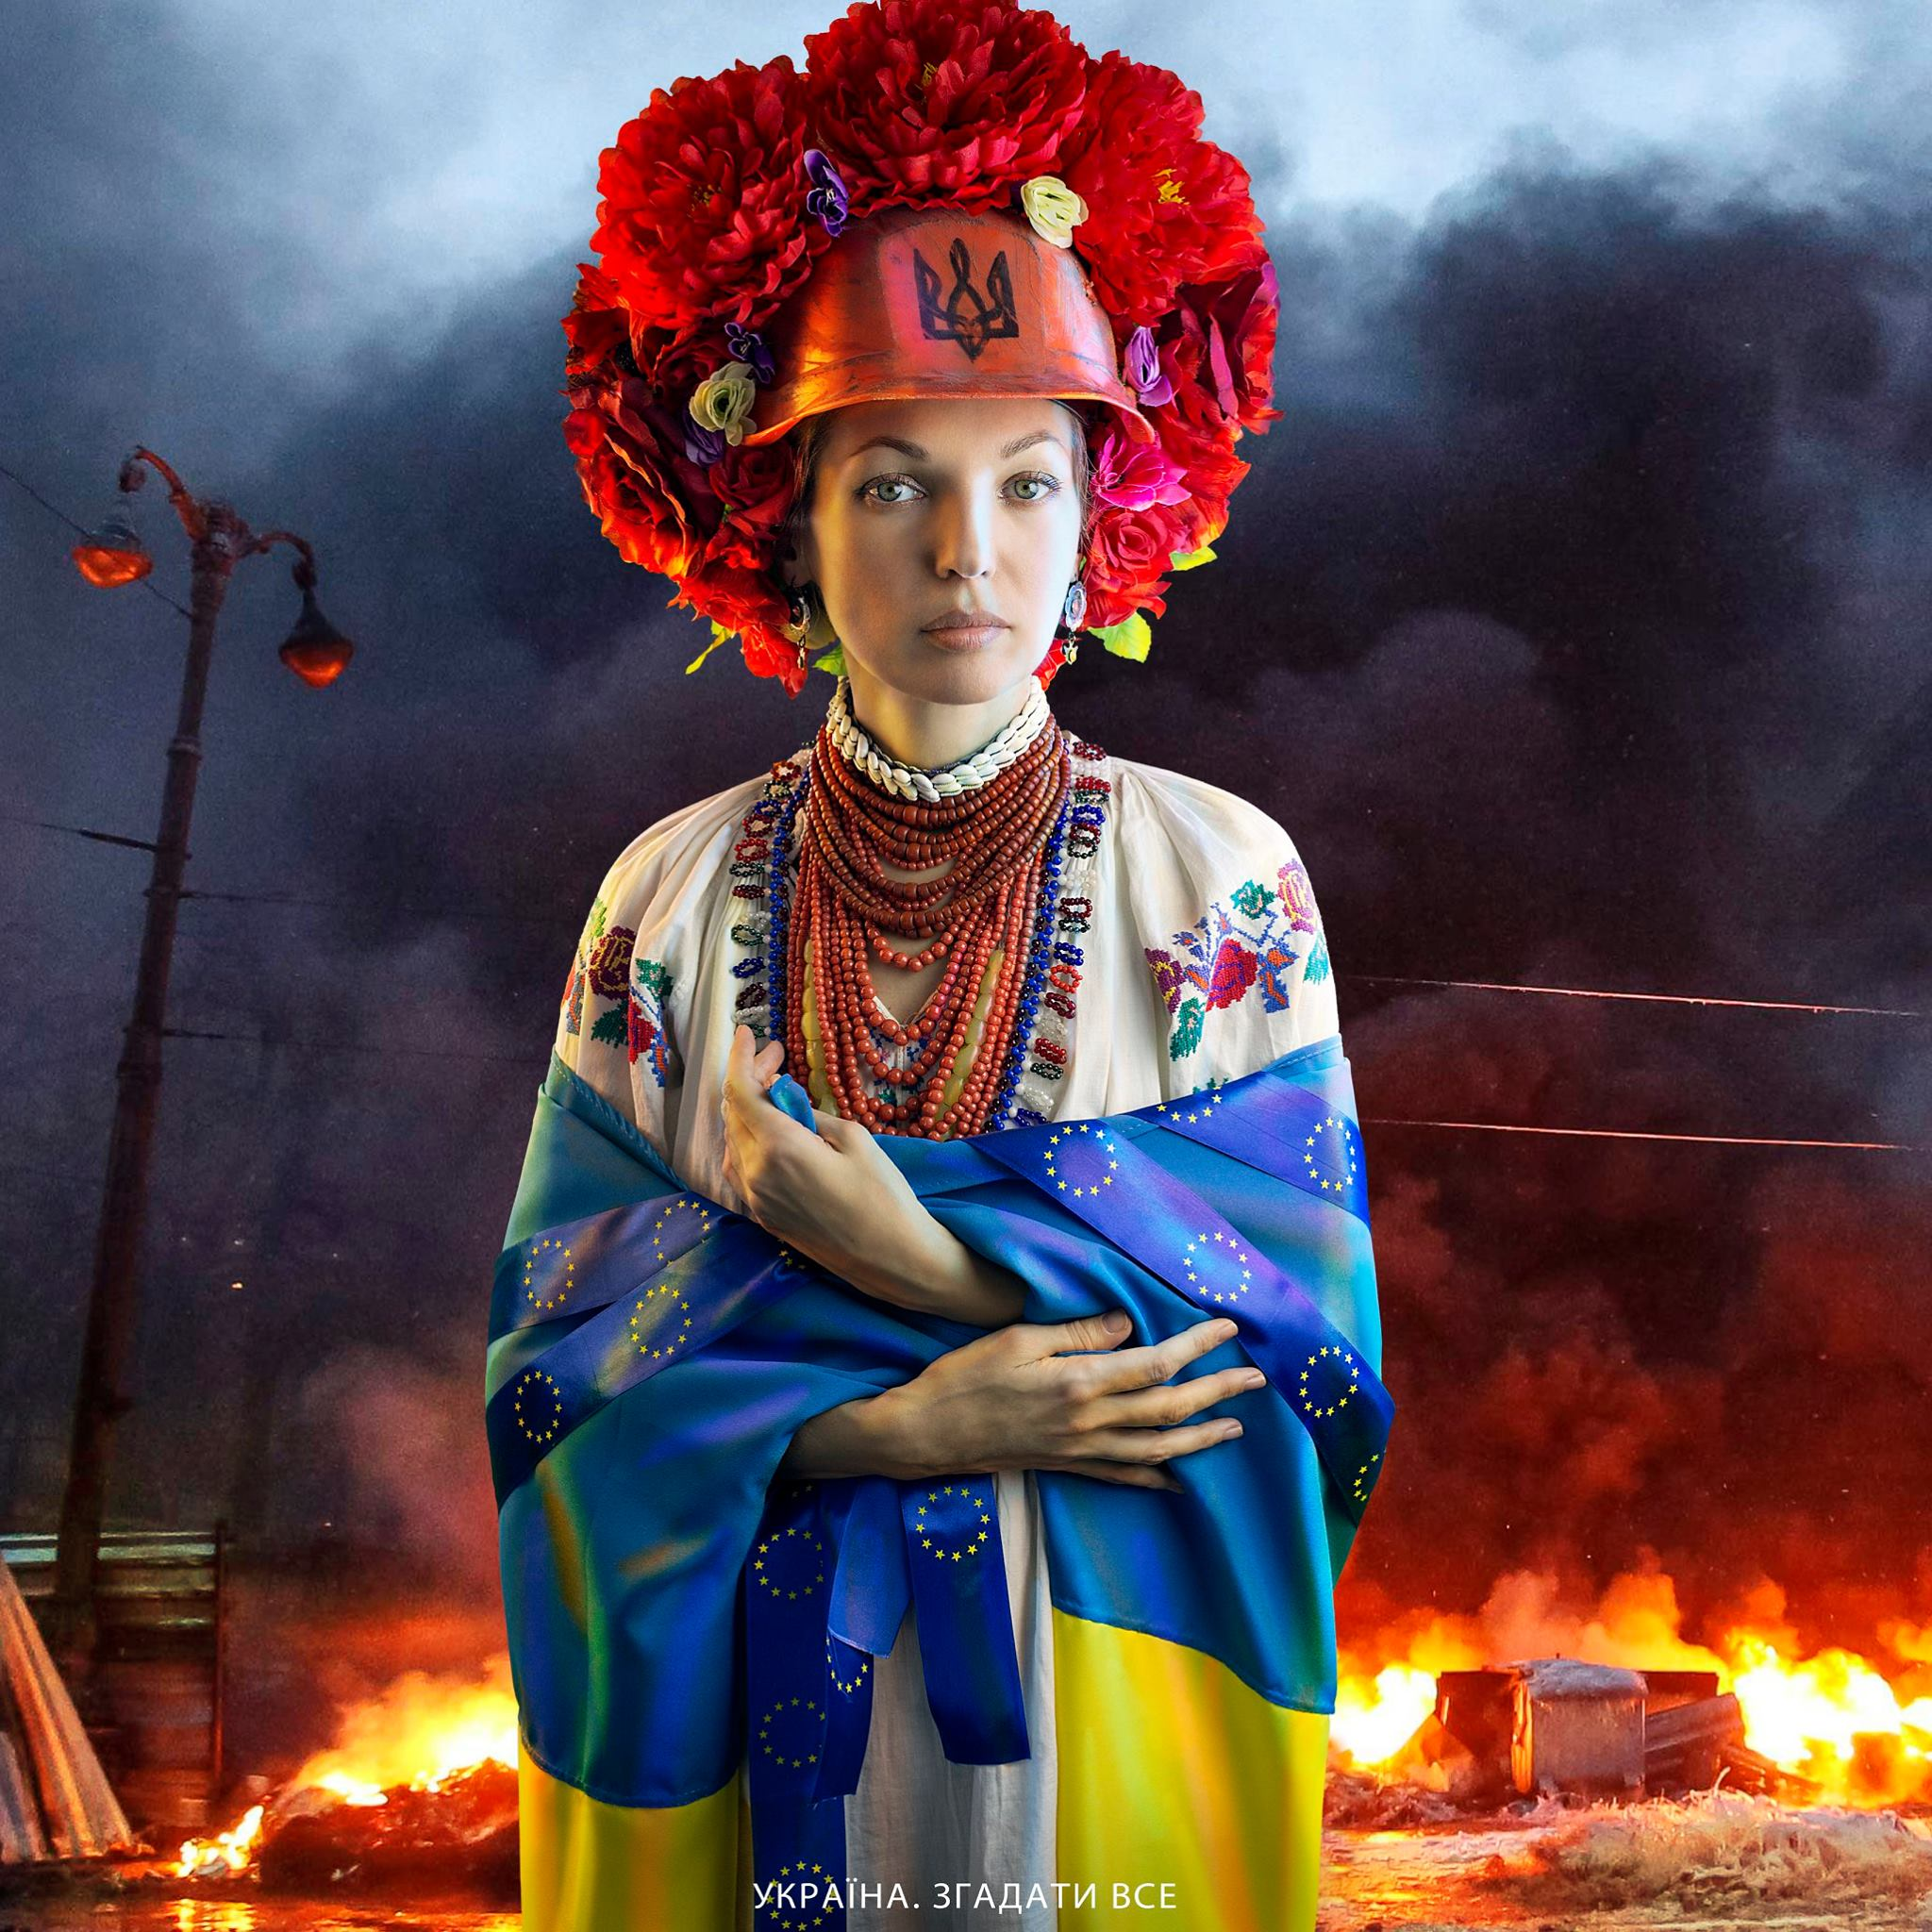 единственный свобода украине картинки воскресенье как